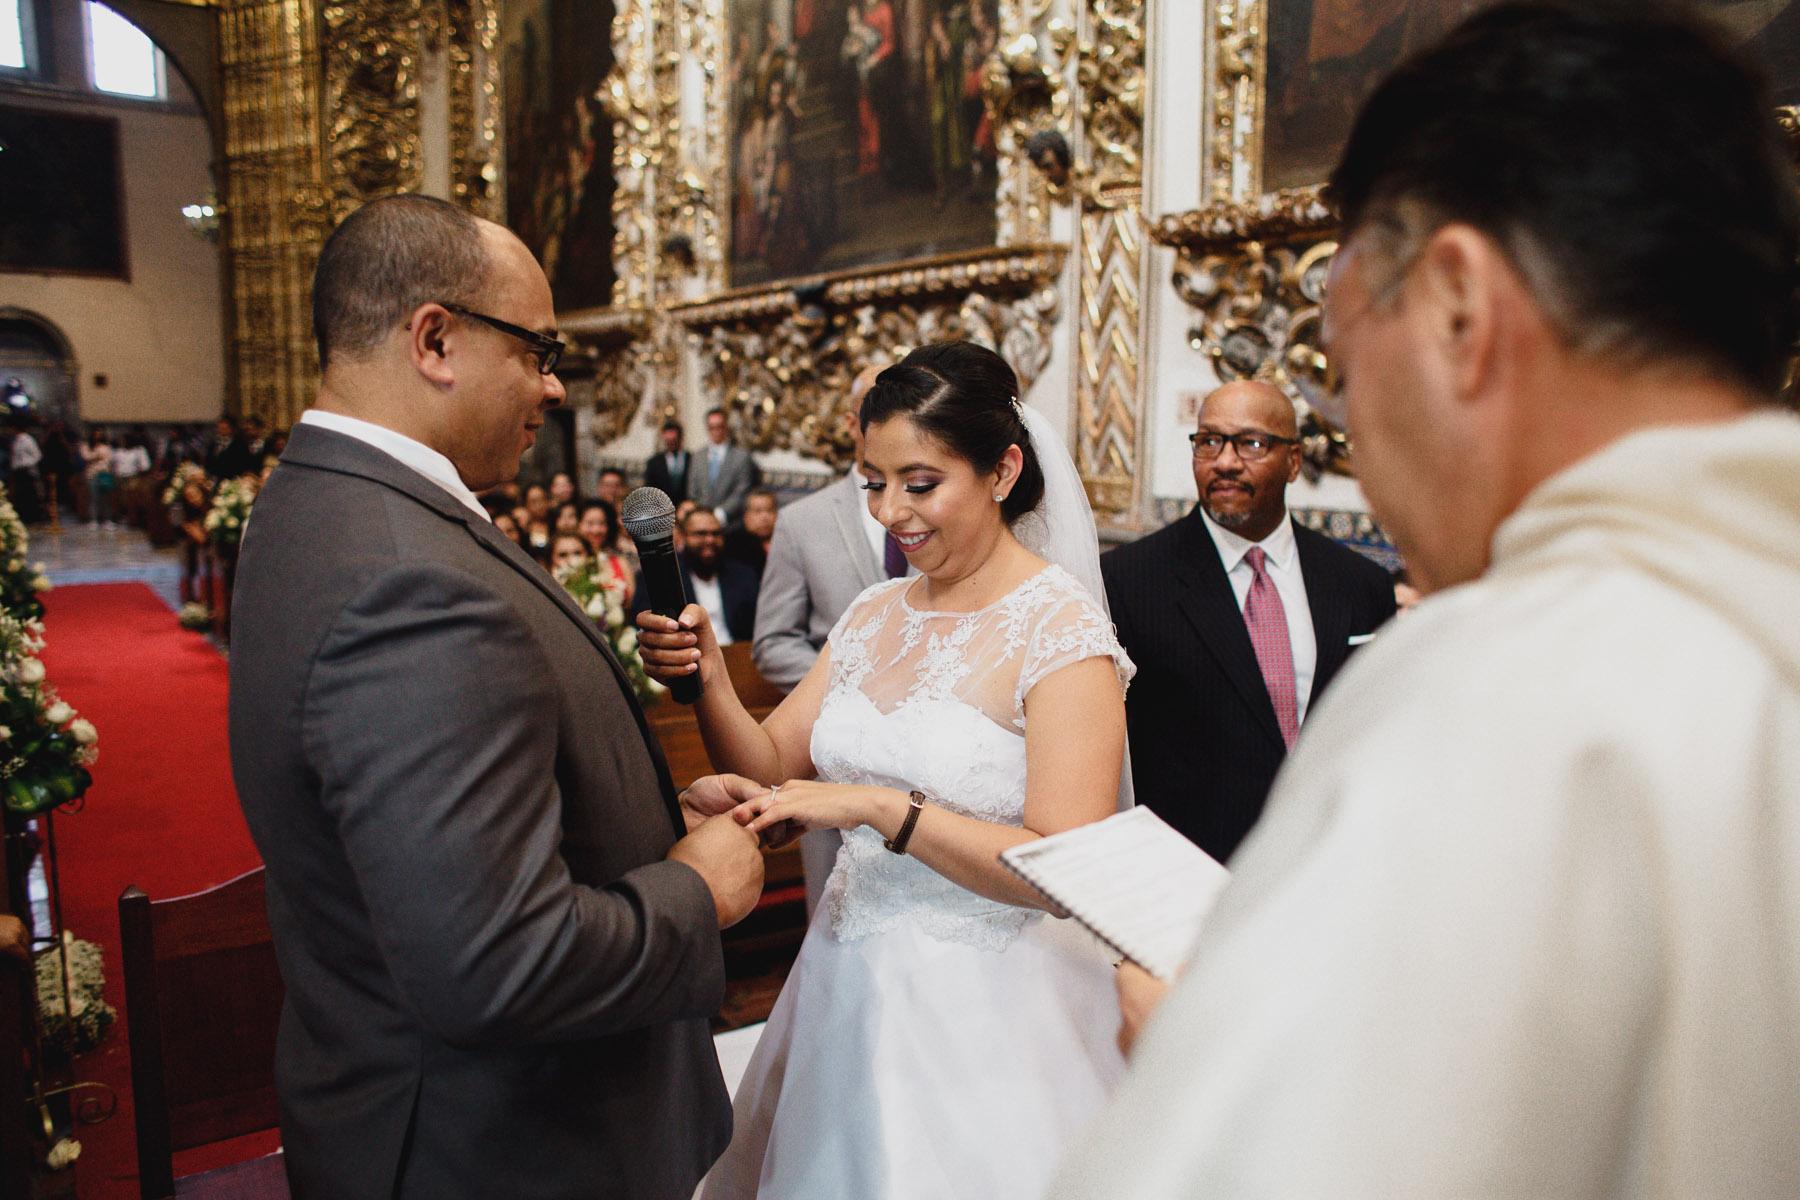 bodas-quinta-real-puebla-57